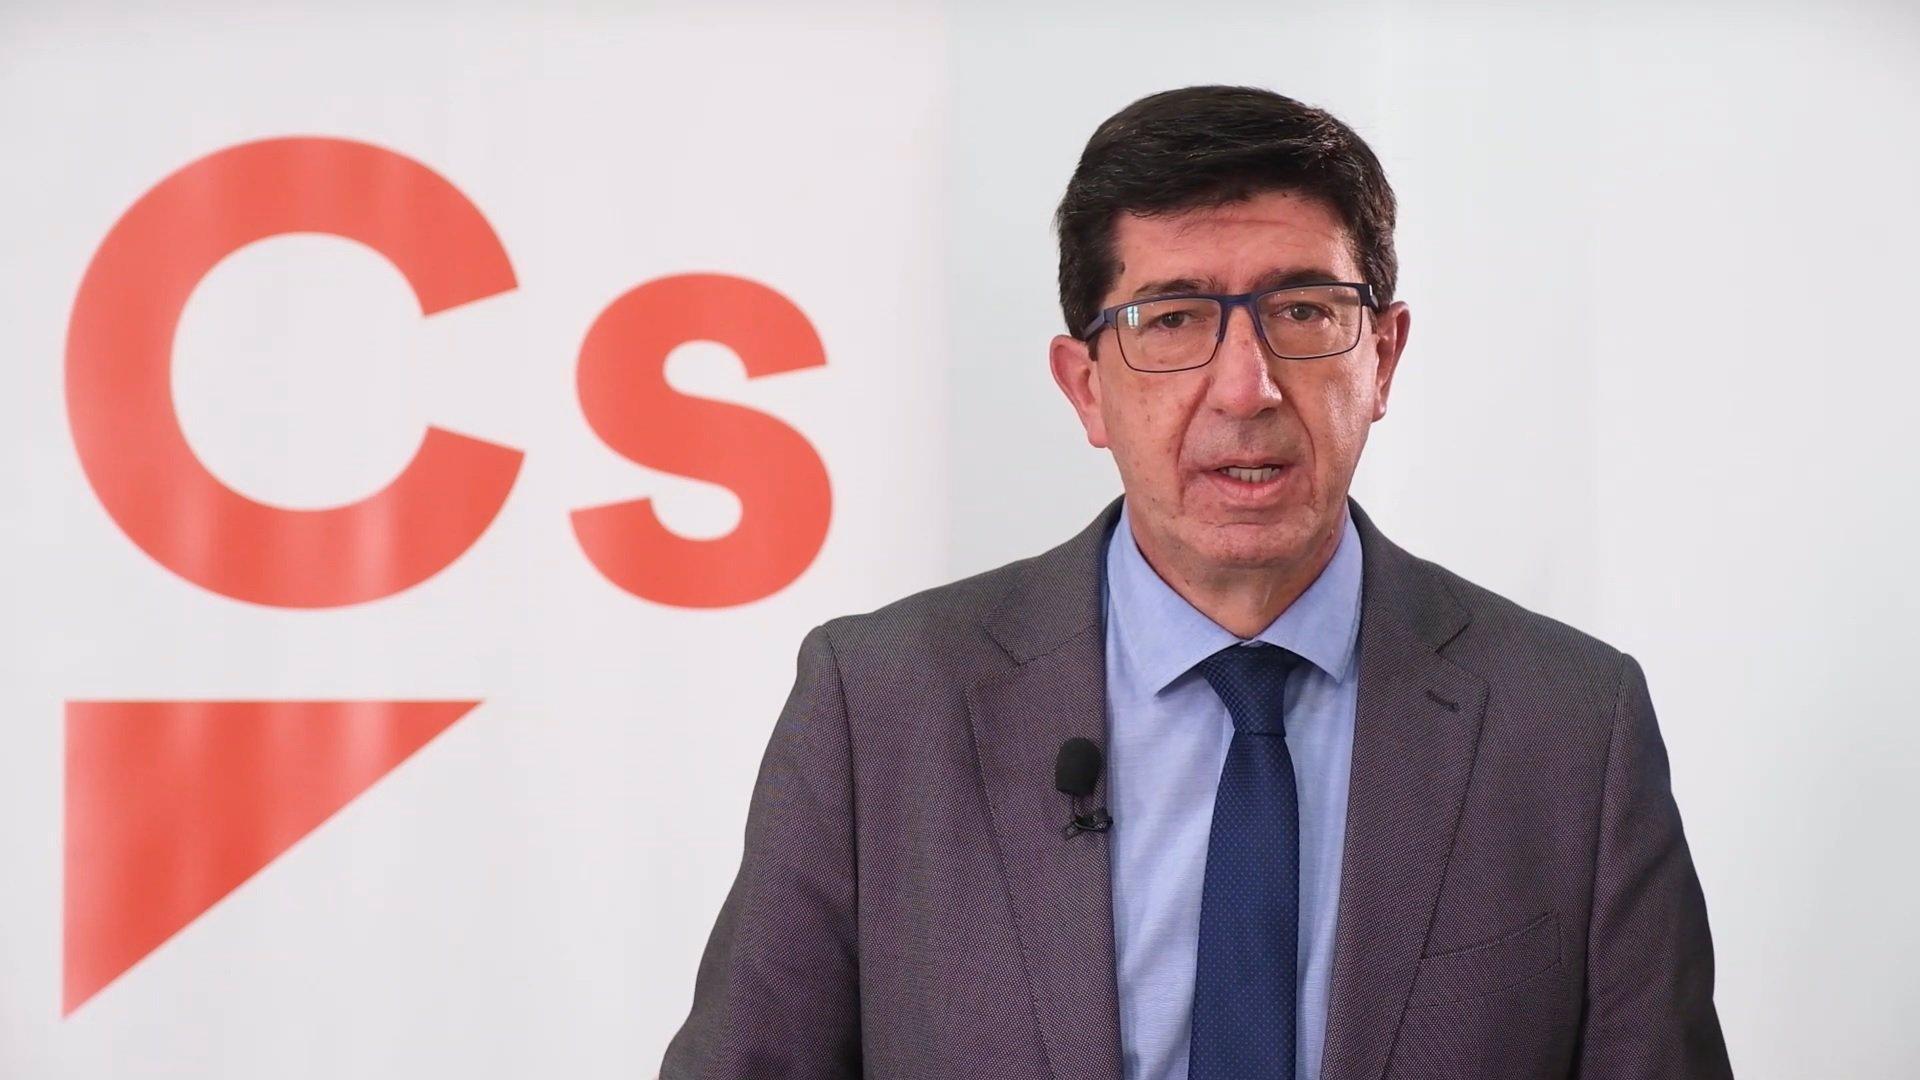 Marín pide al PP retroceder en ruptura y repetir pacto Cs-PP: «un mes de inestabilidad es suficiente»